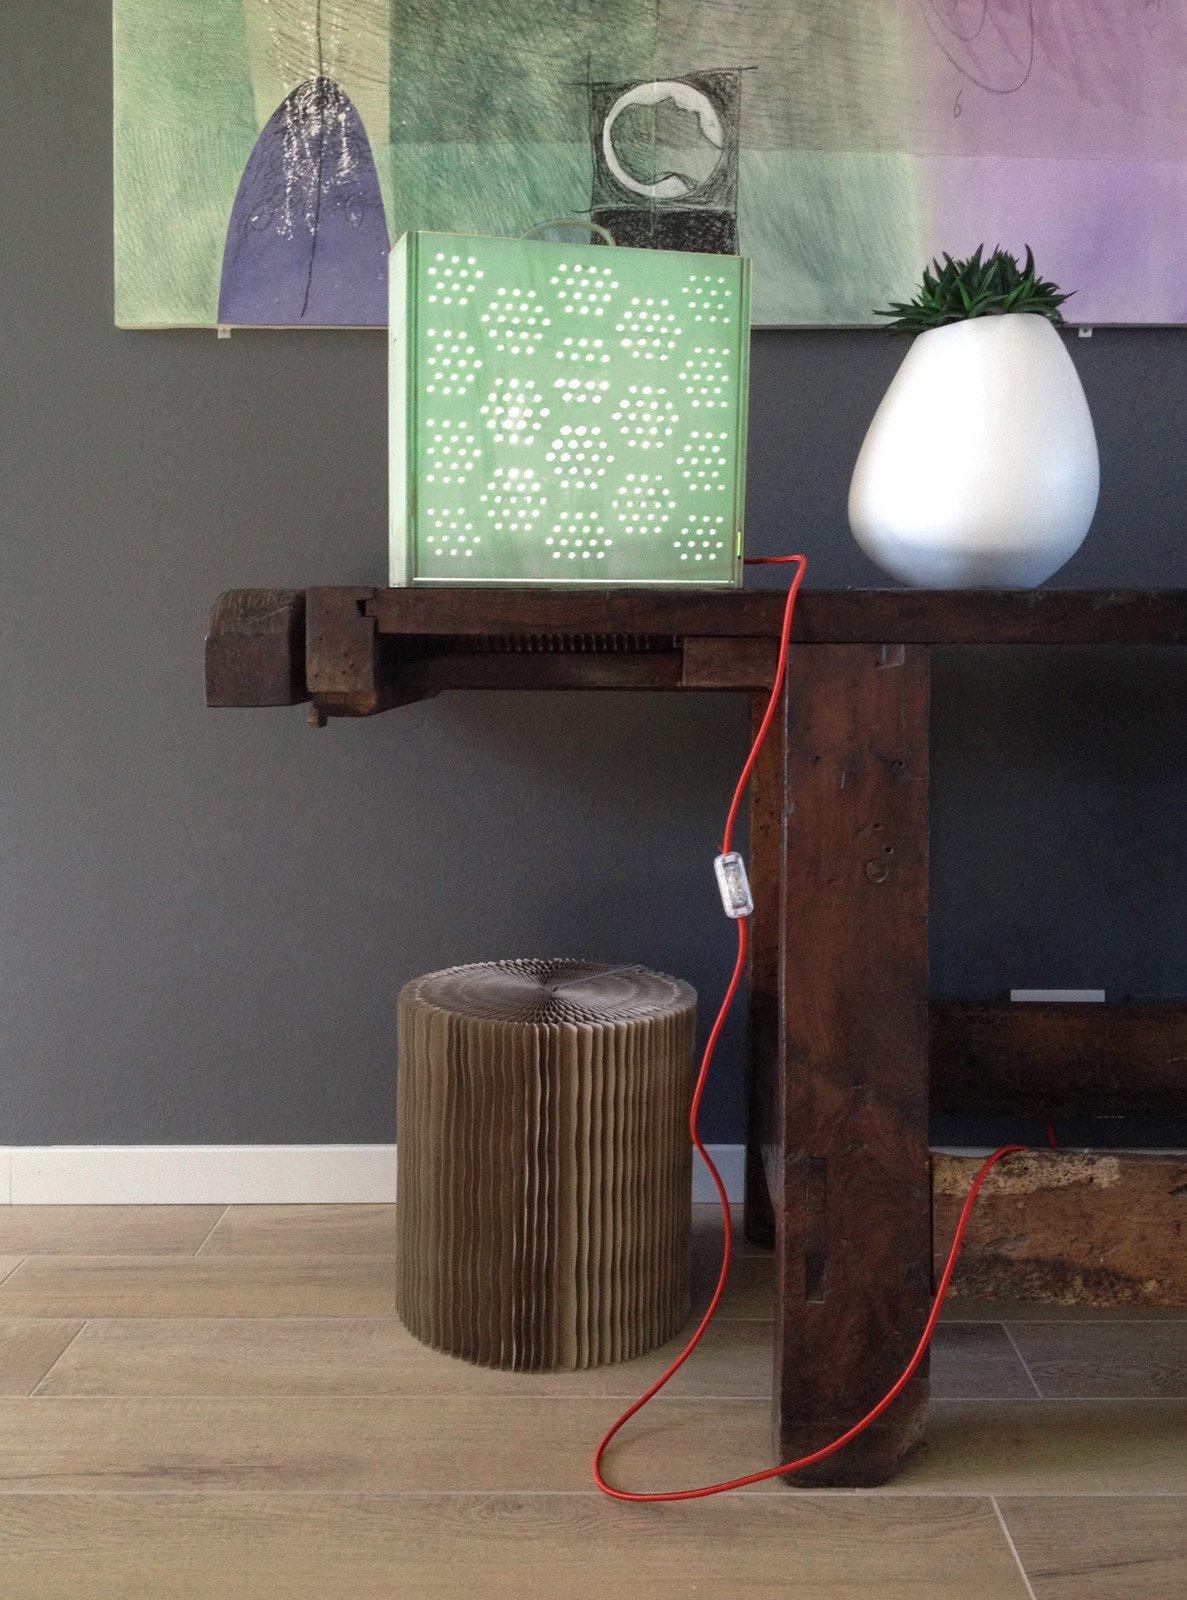 Recupero creativo  la lampada traforata   Cose di Casa -> Lampadario Fai Da Te Con Grucce